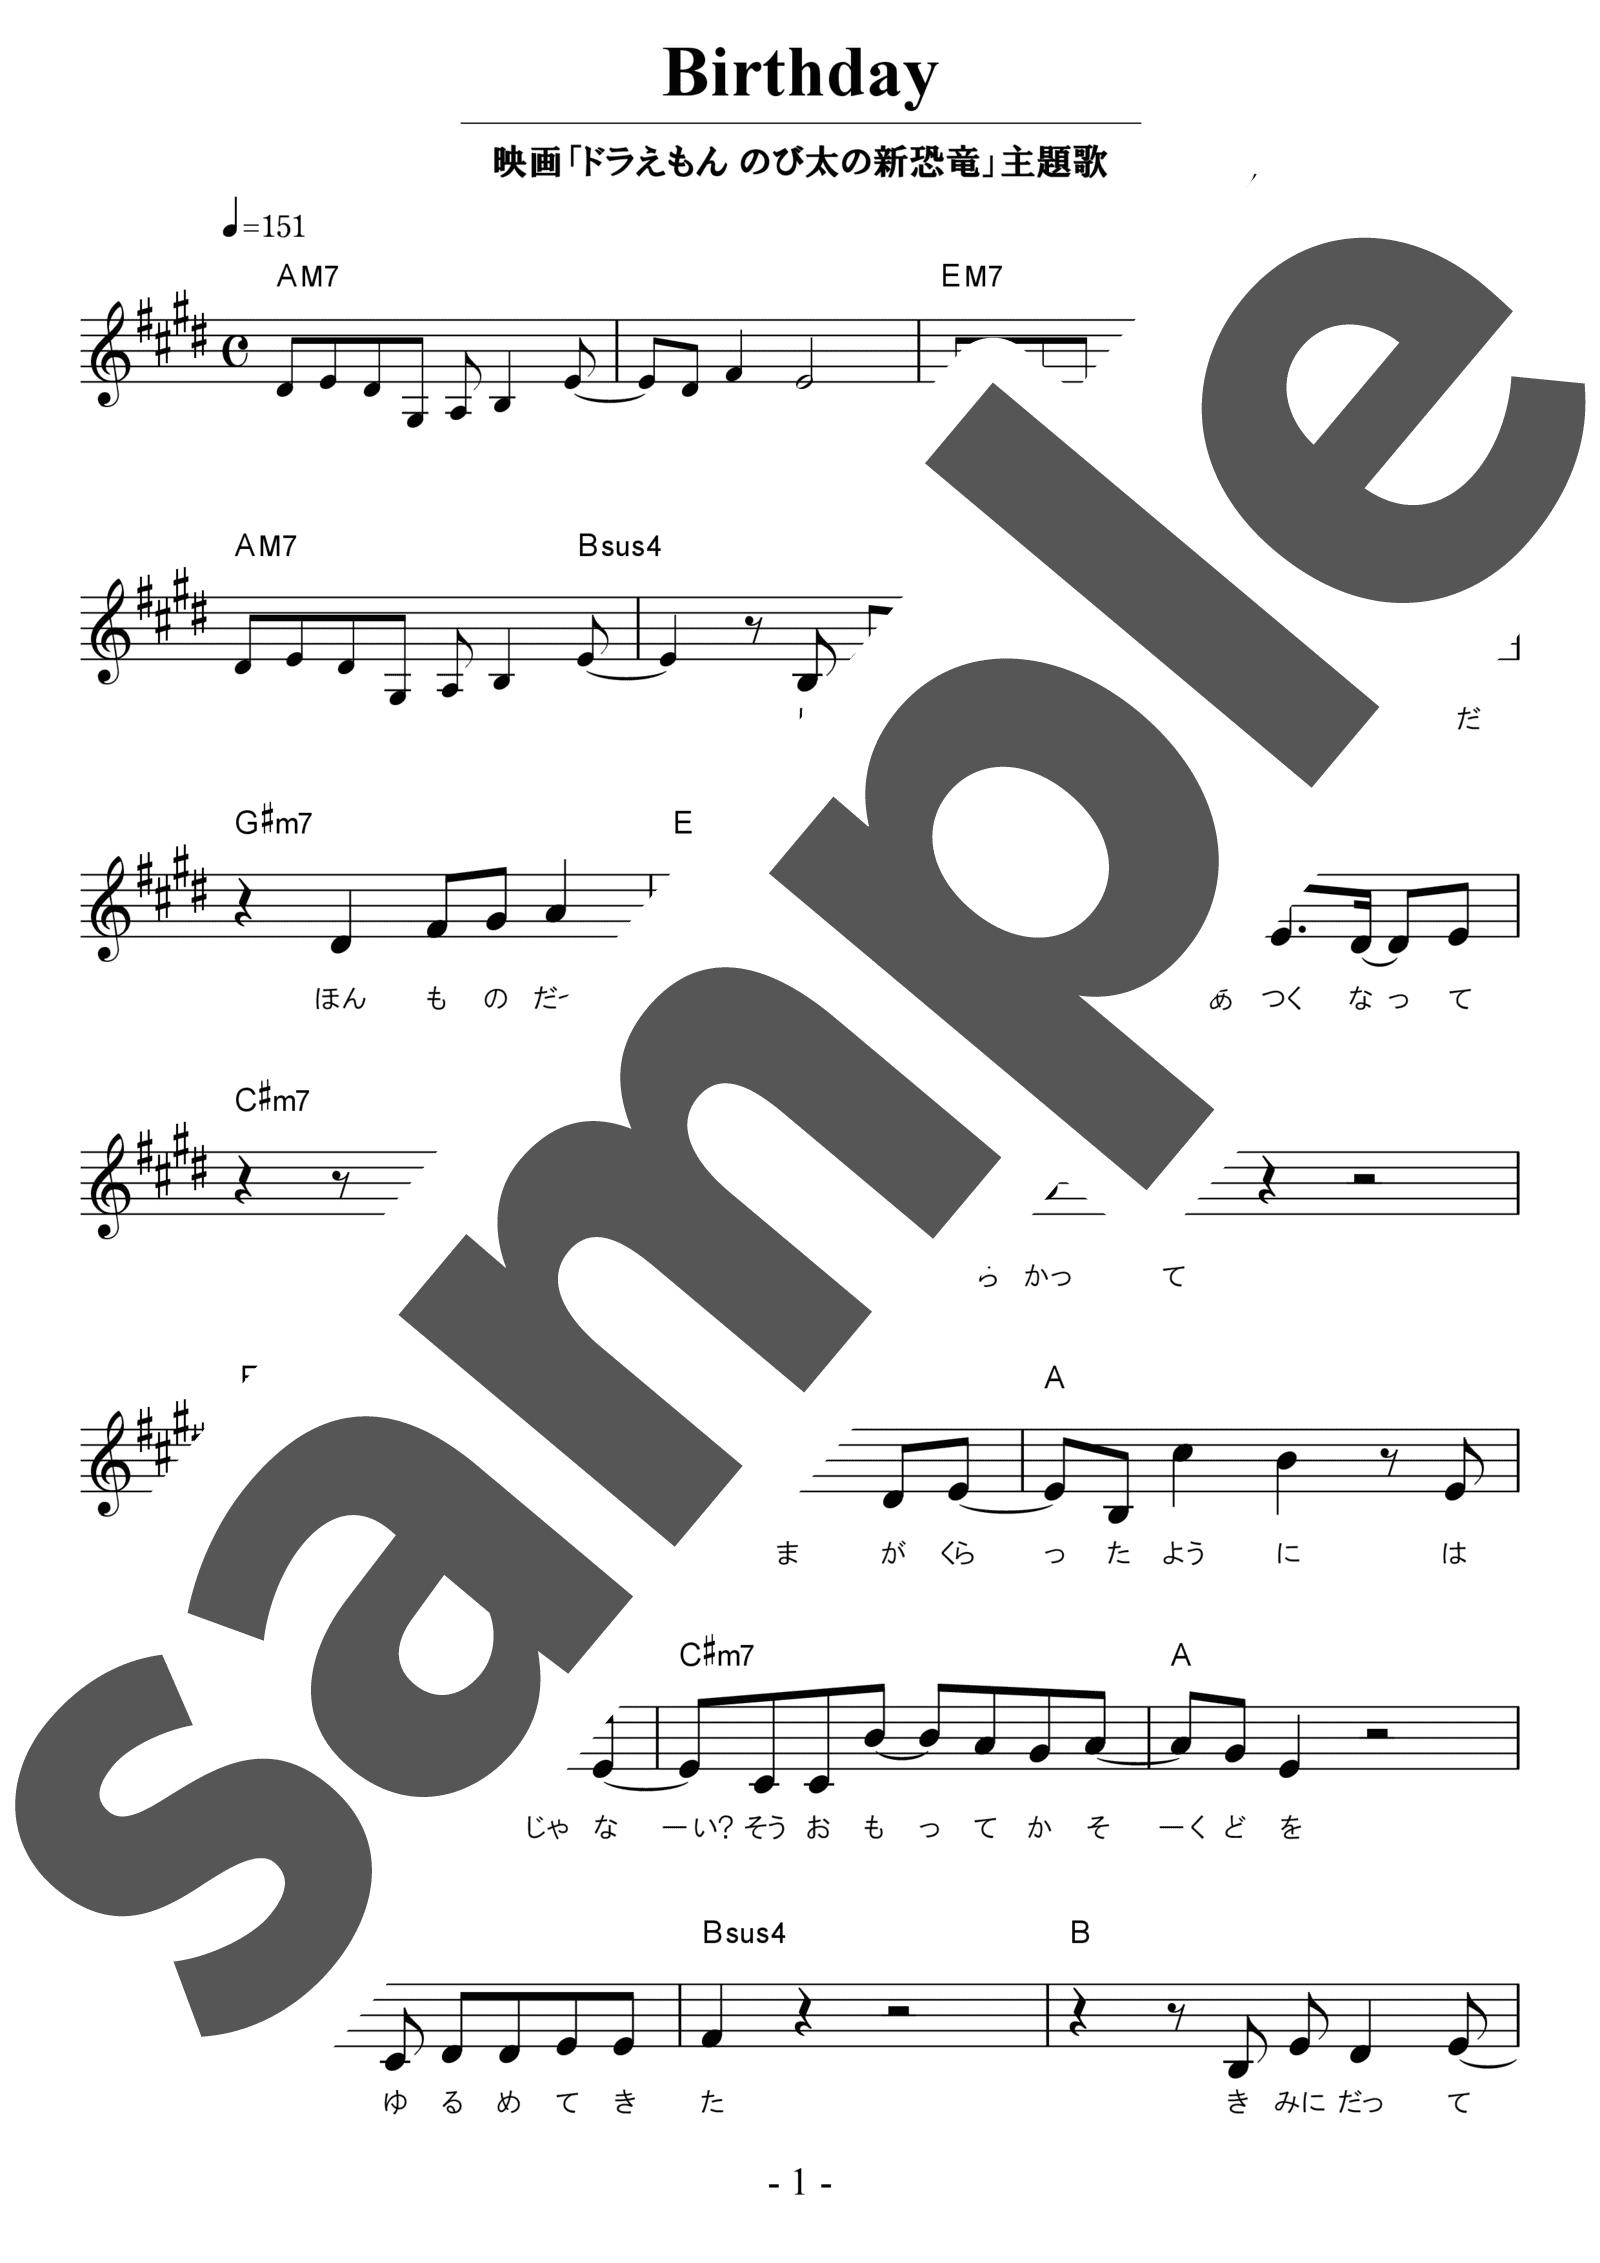 「Birthday」のサンプル楽譜